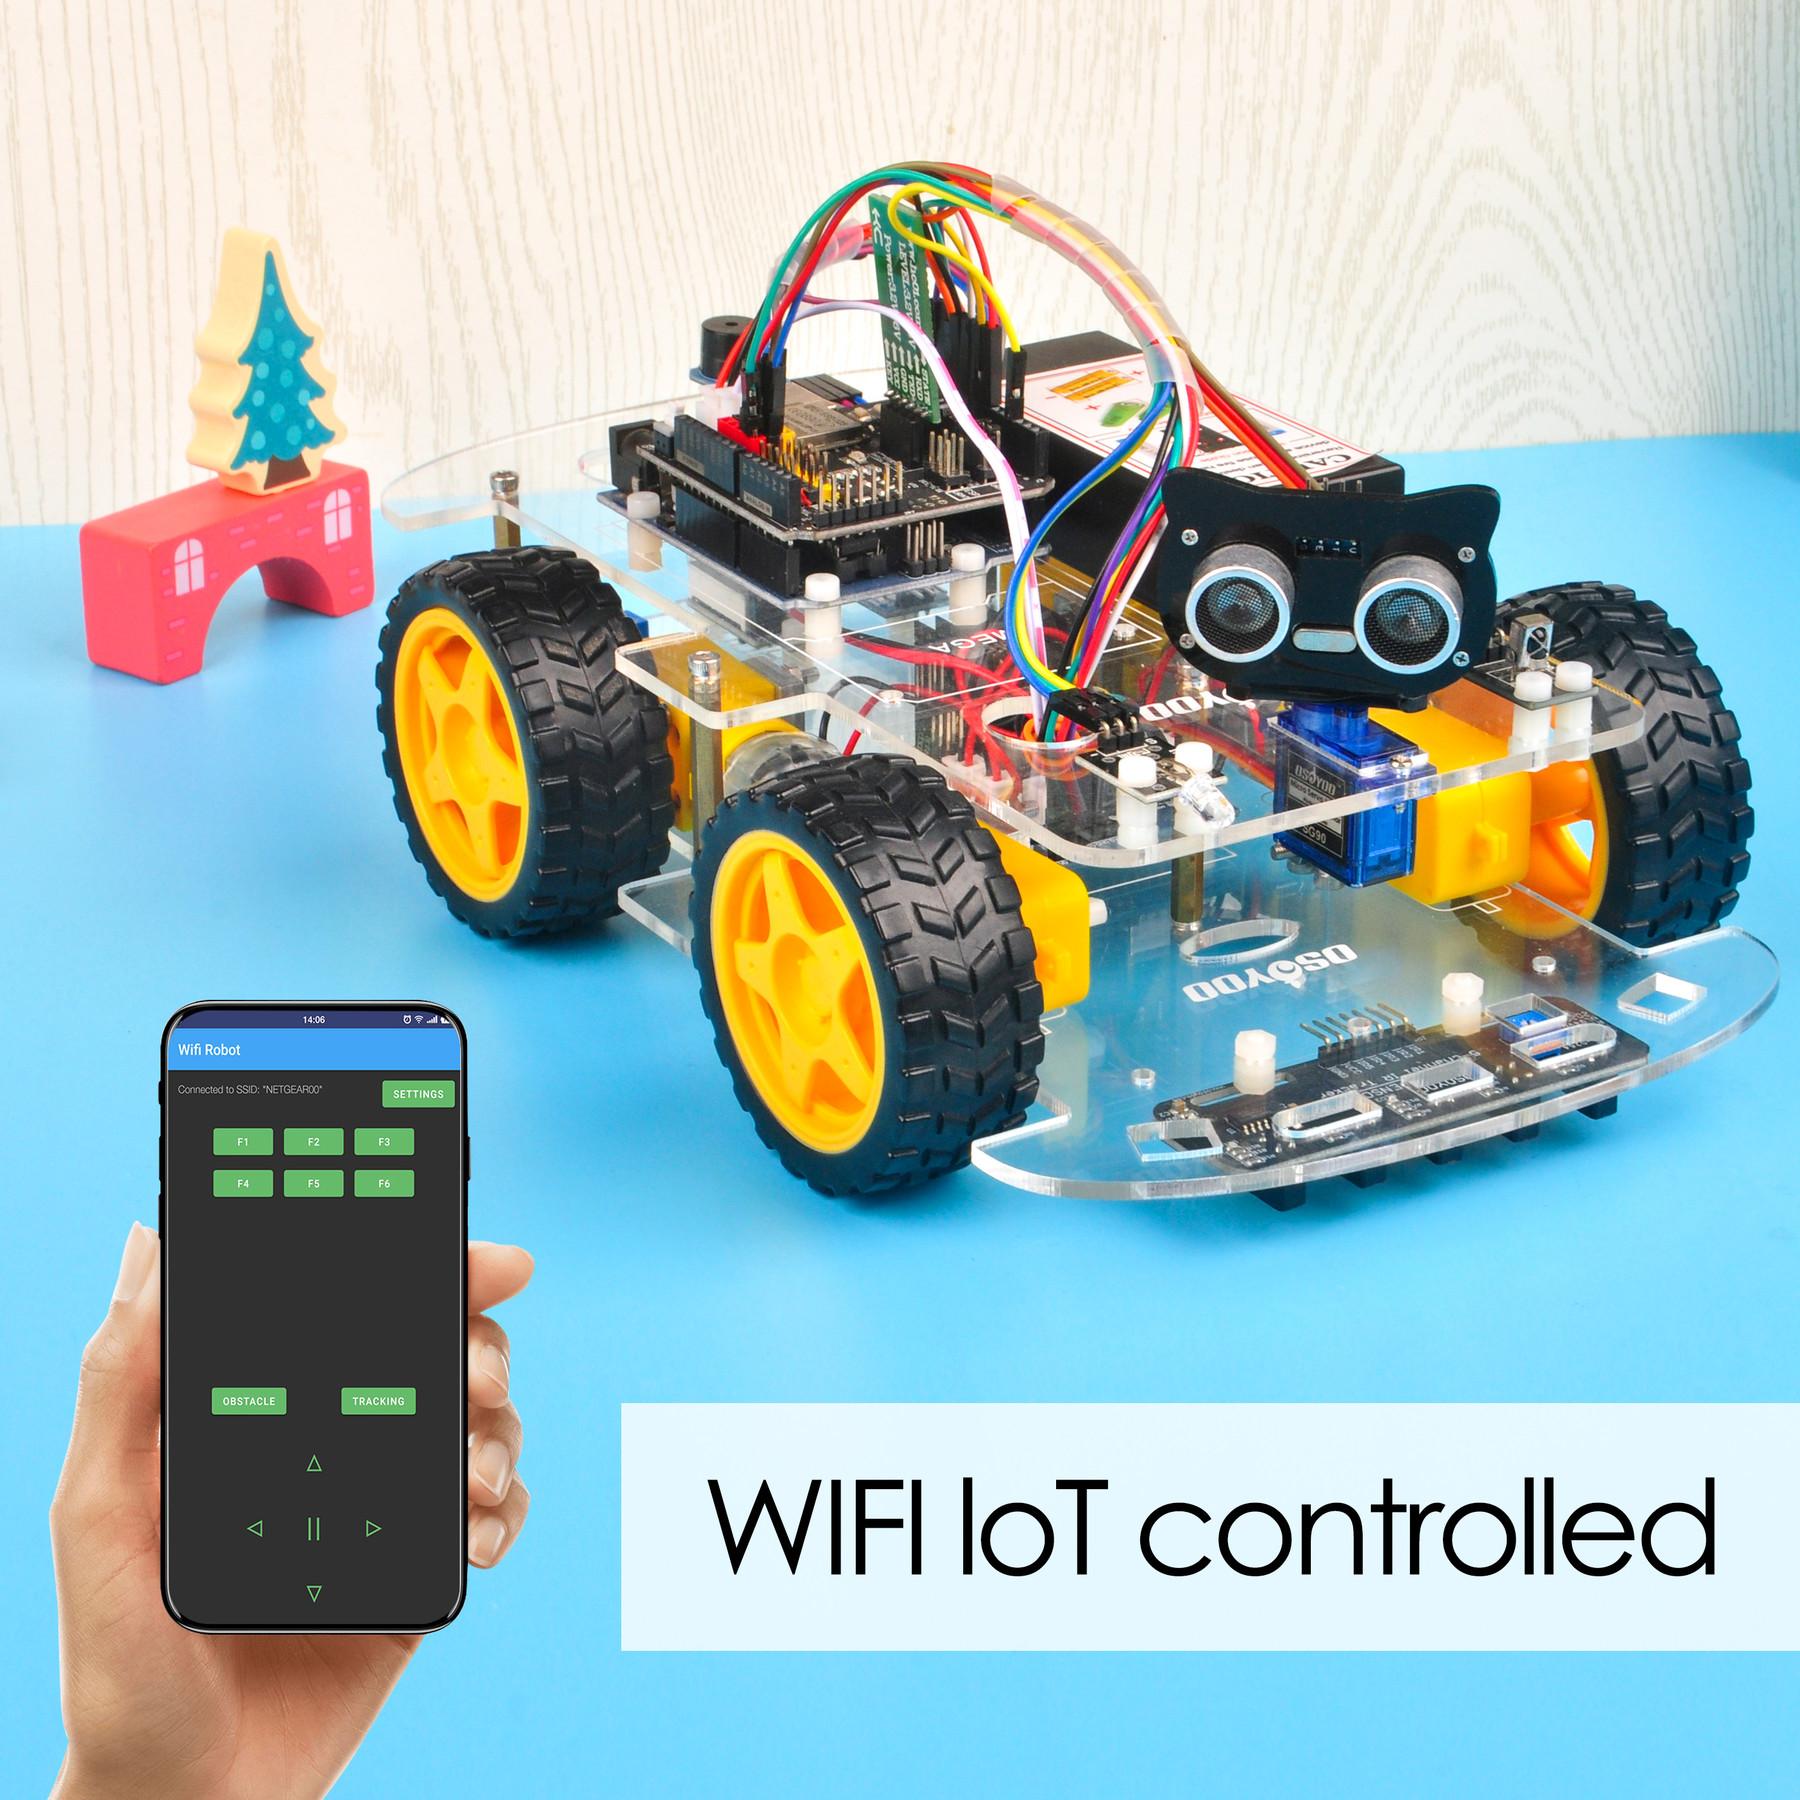 Osoyoo V2.1 Robot Car Lesson 6: Use Wifi to control an IoT Robot Car